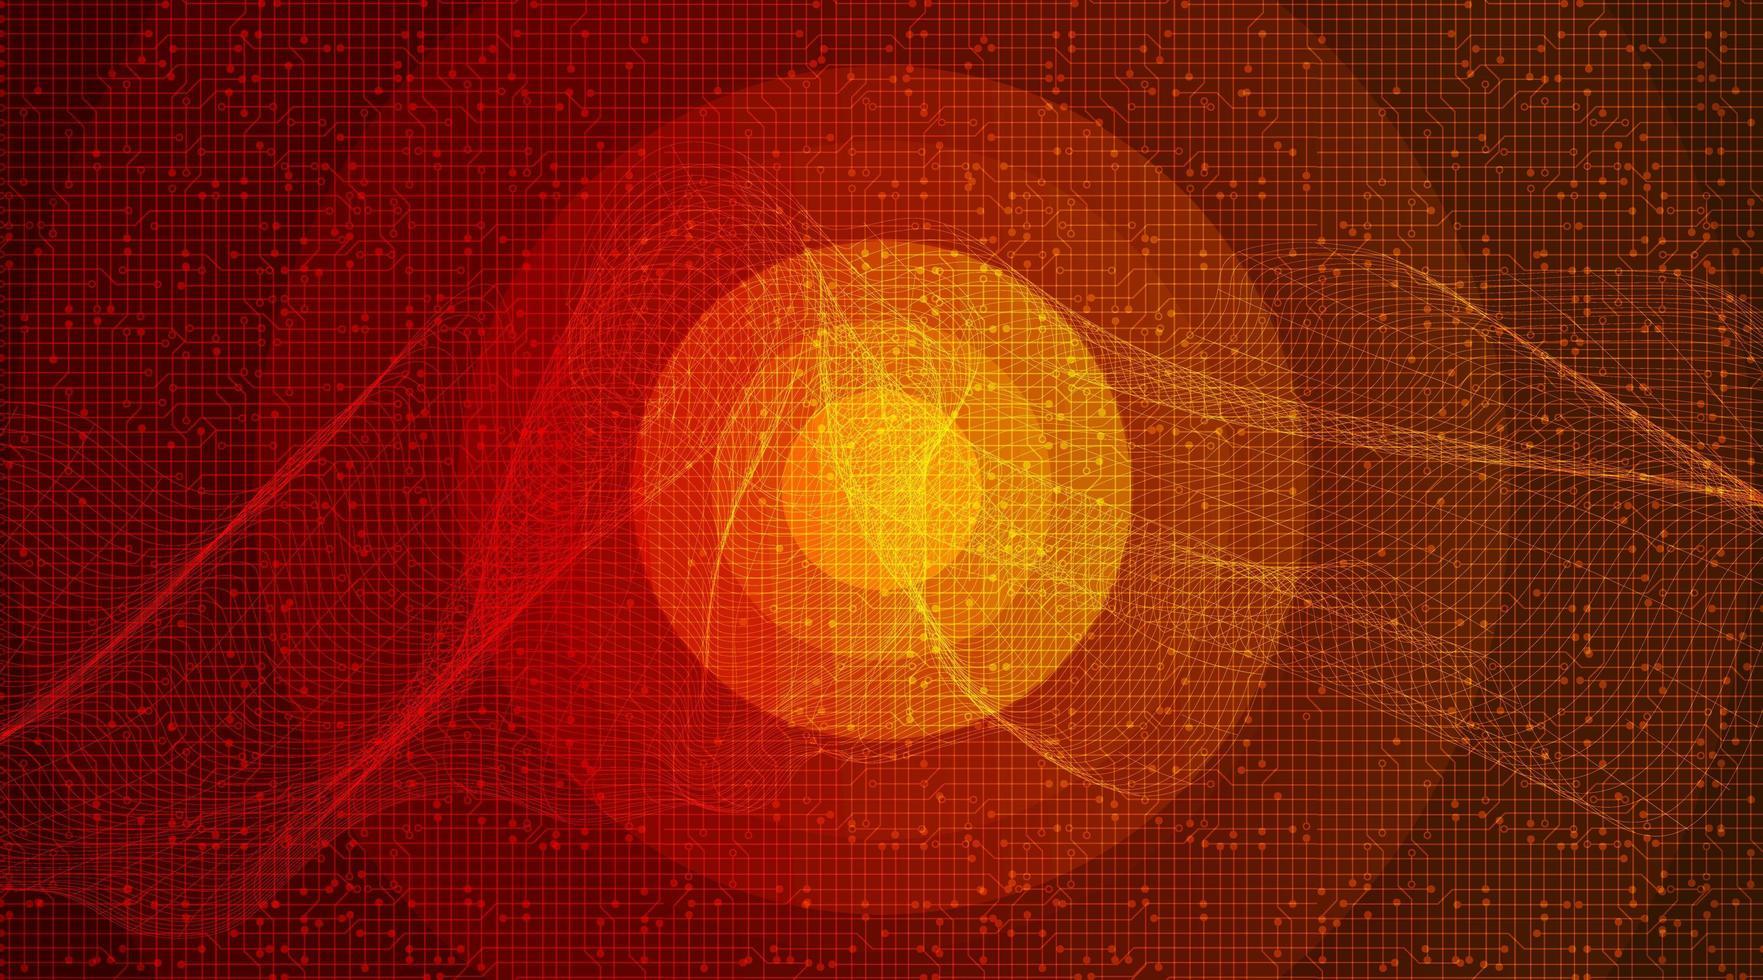 círculo naranja onda de sonido digital vector